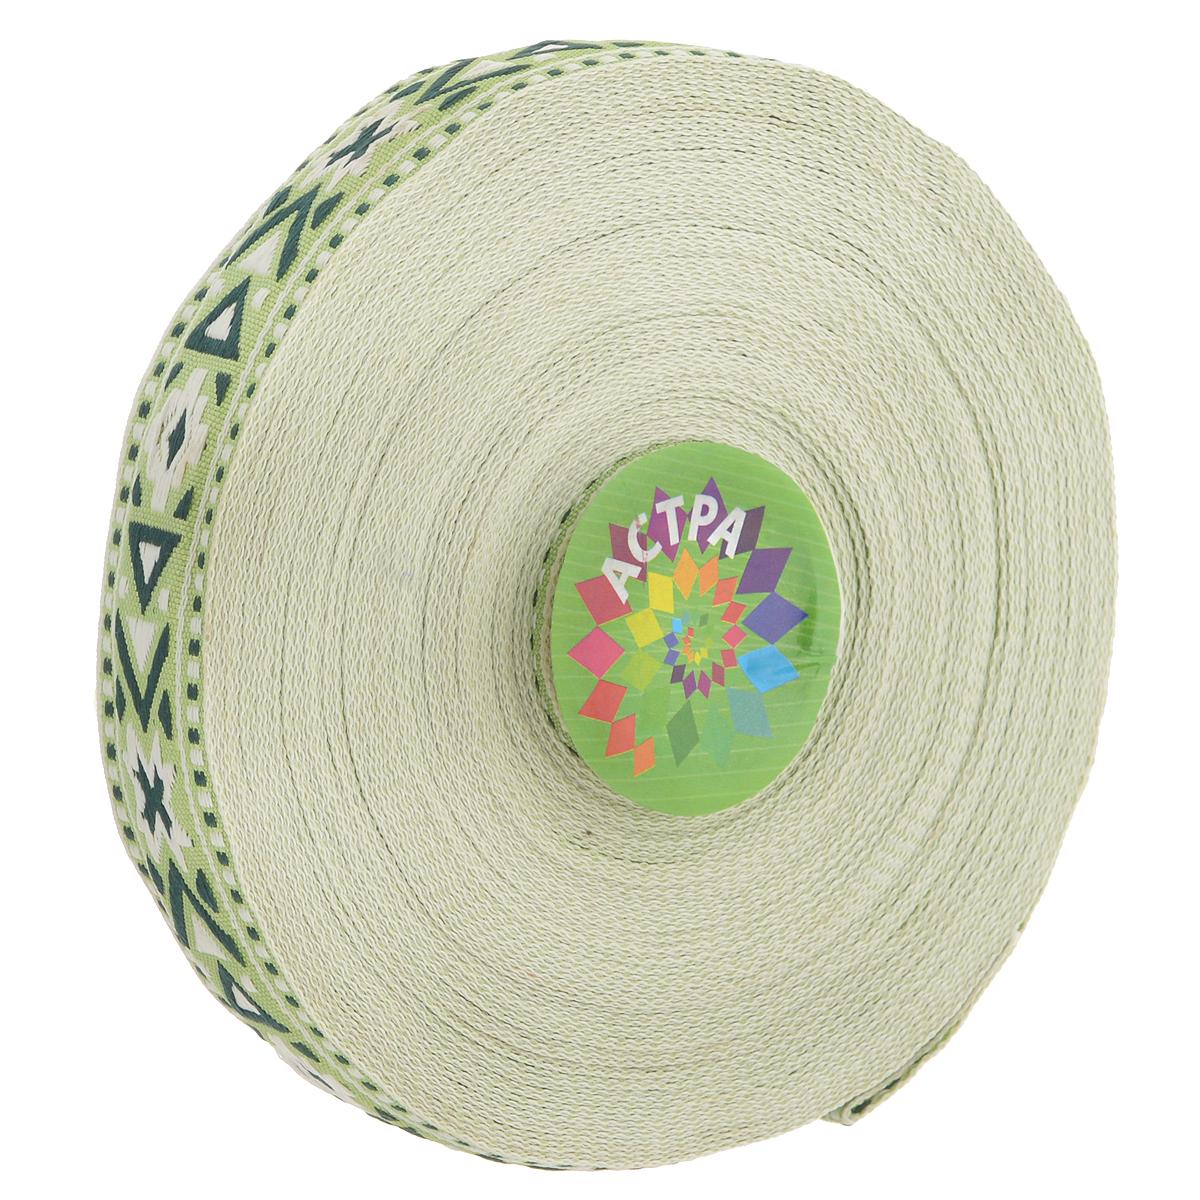 Тесьма декоративная Астра, цвет: зеленый (2), ширина 2 см, длина 16,4 м. 77032697703269_2Декоративная тесьма Астра выполнена из текстиля и оформлена оригинальным орнаментом. Такая тесьма идеально подойдет для оформления различных творческих работ таких, как скрапбукинг, аппликация, декор коробок и открыток и многое другое. Тесьма наивысшего качества и практична в использовании. Она станет незаменимом элементов в создании рукотворного шедевра. Ширина: 2 см. Длина: 16,4 м.